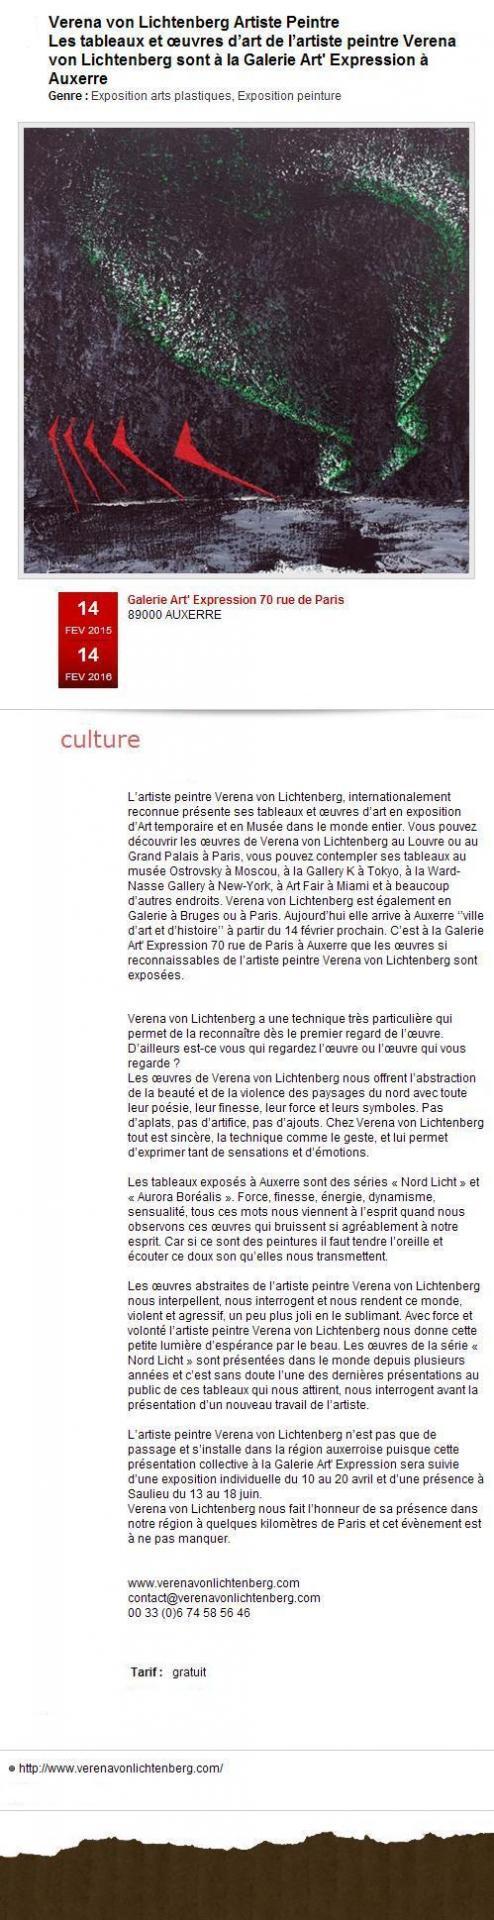 L artiste peintre verena von lichtenberg et les oeuvres d art et tableaux de l exposition d art nord licht a auxerre en art galerie art expression